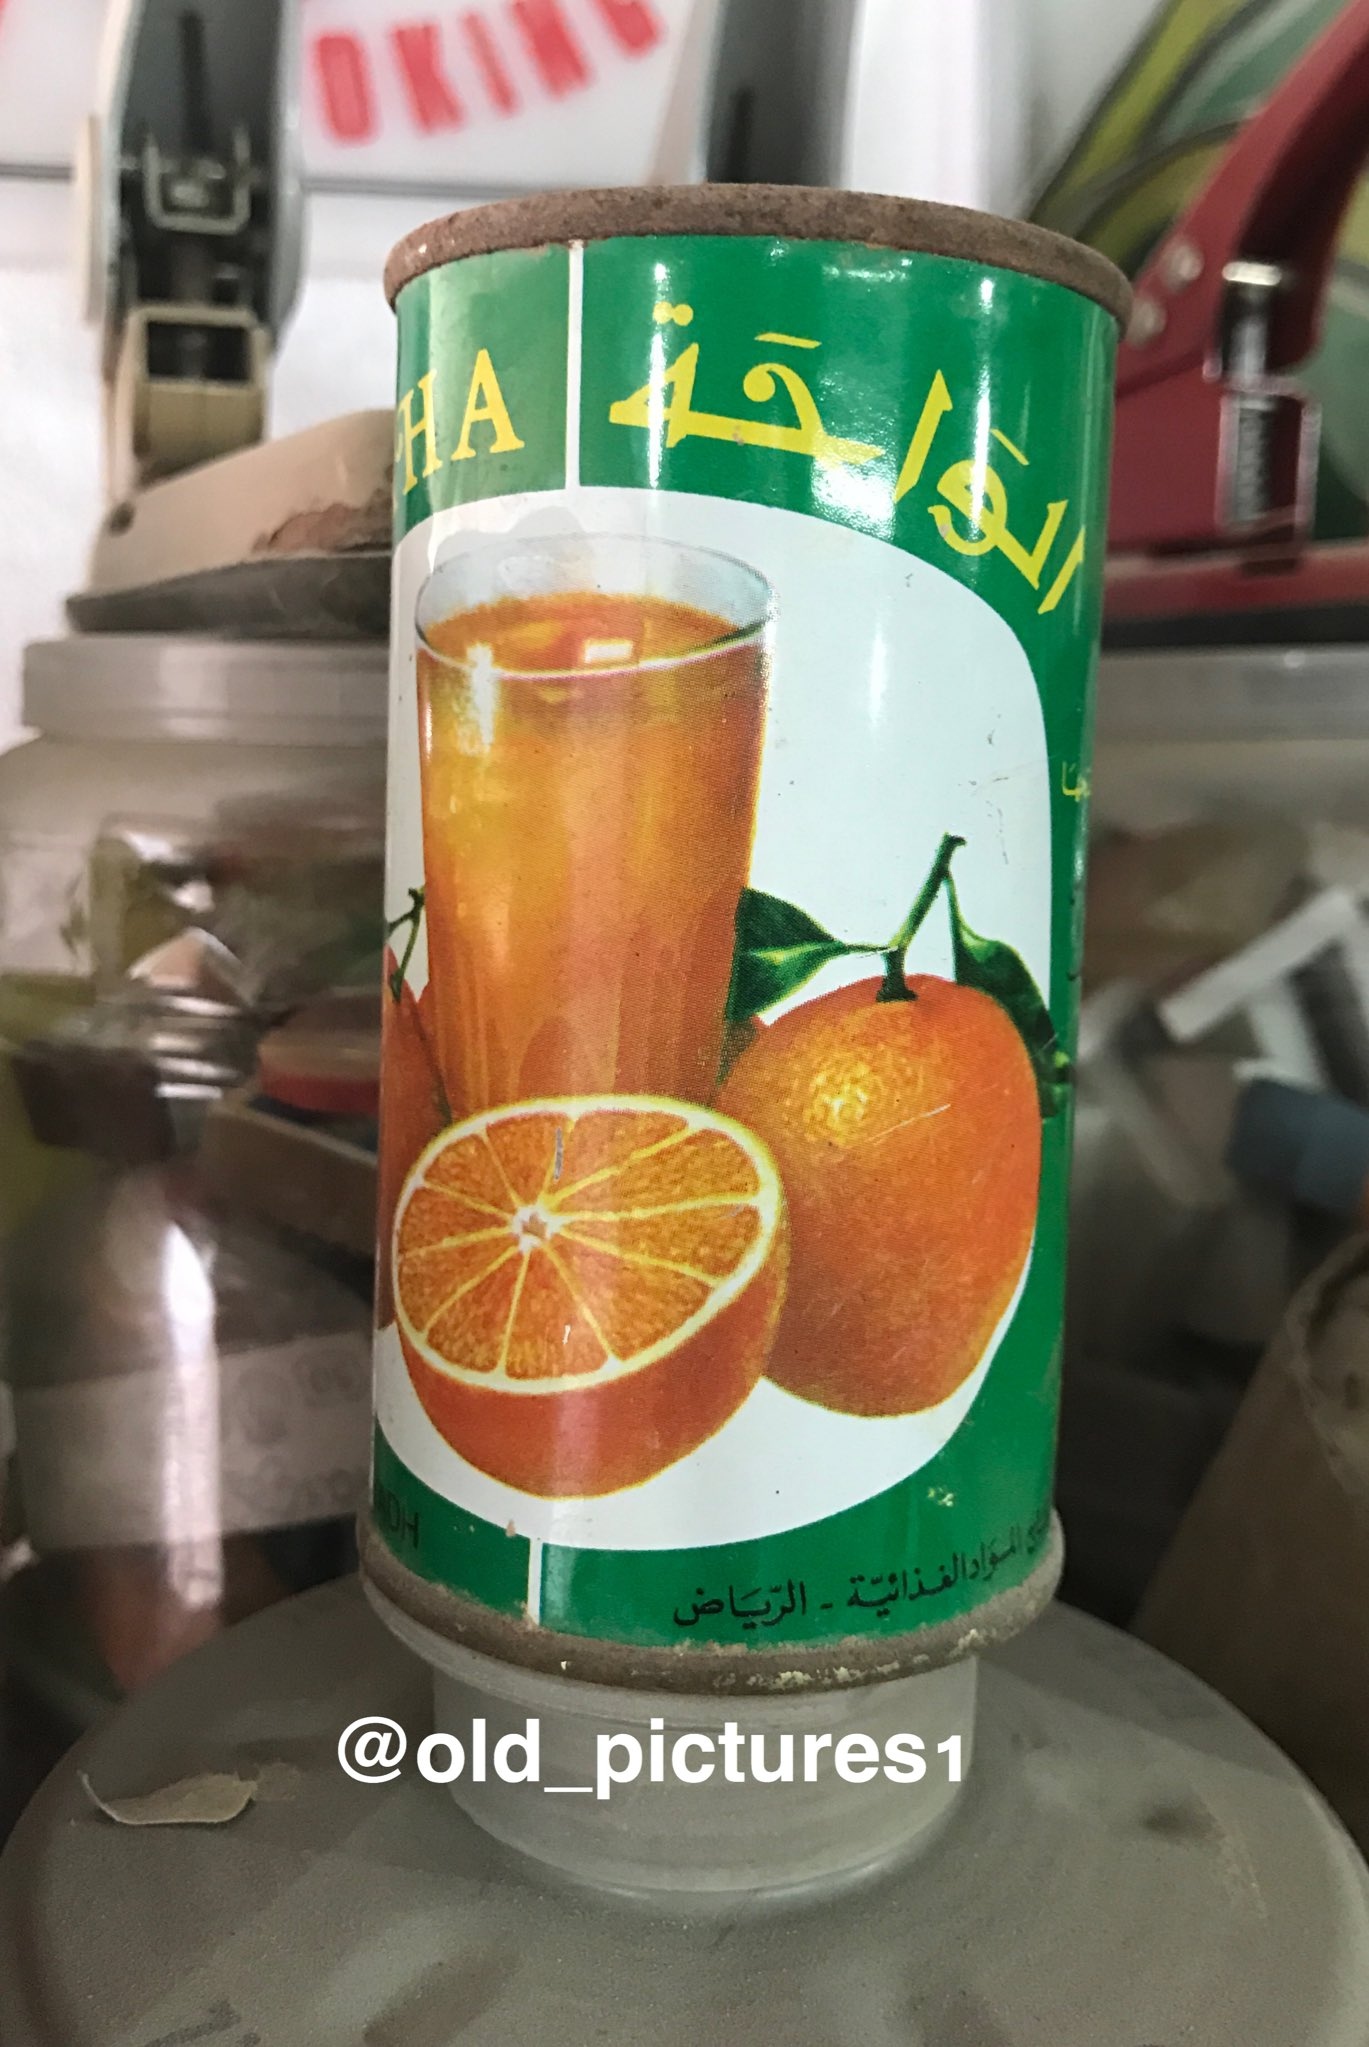 قديم الصور On Twitter عصير برتقال الواحة قديم الصور رمضان